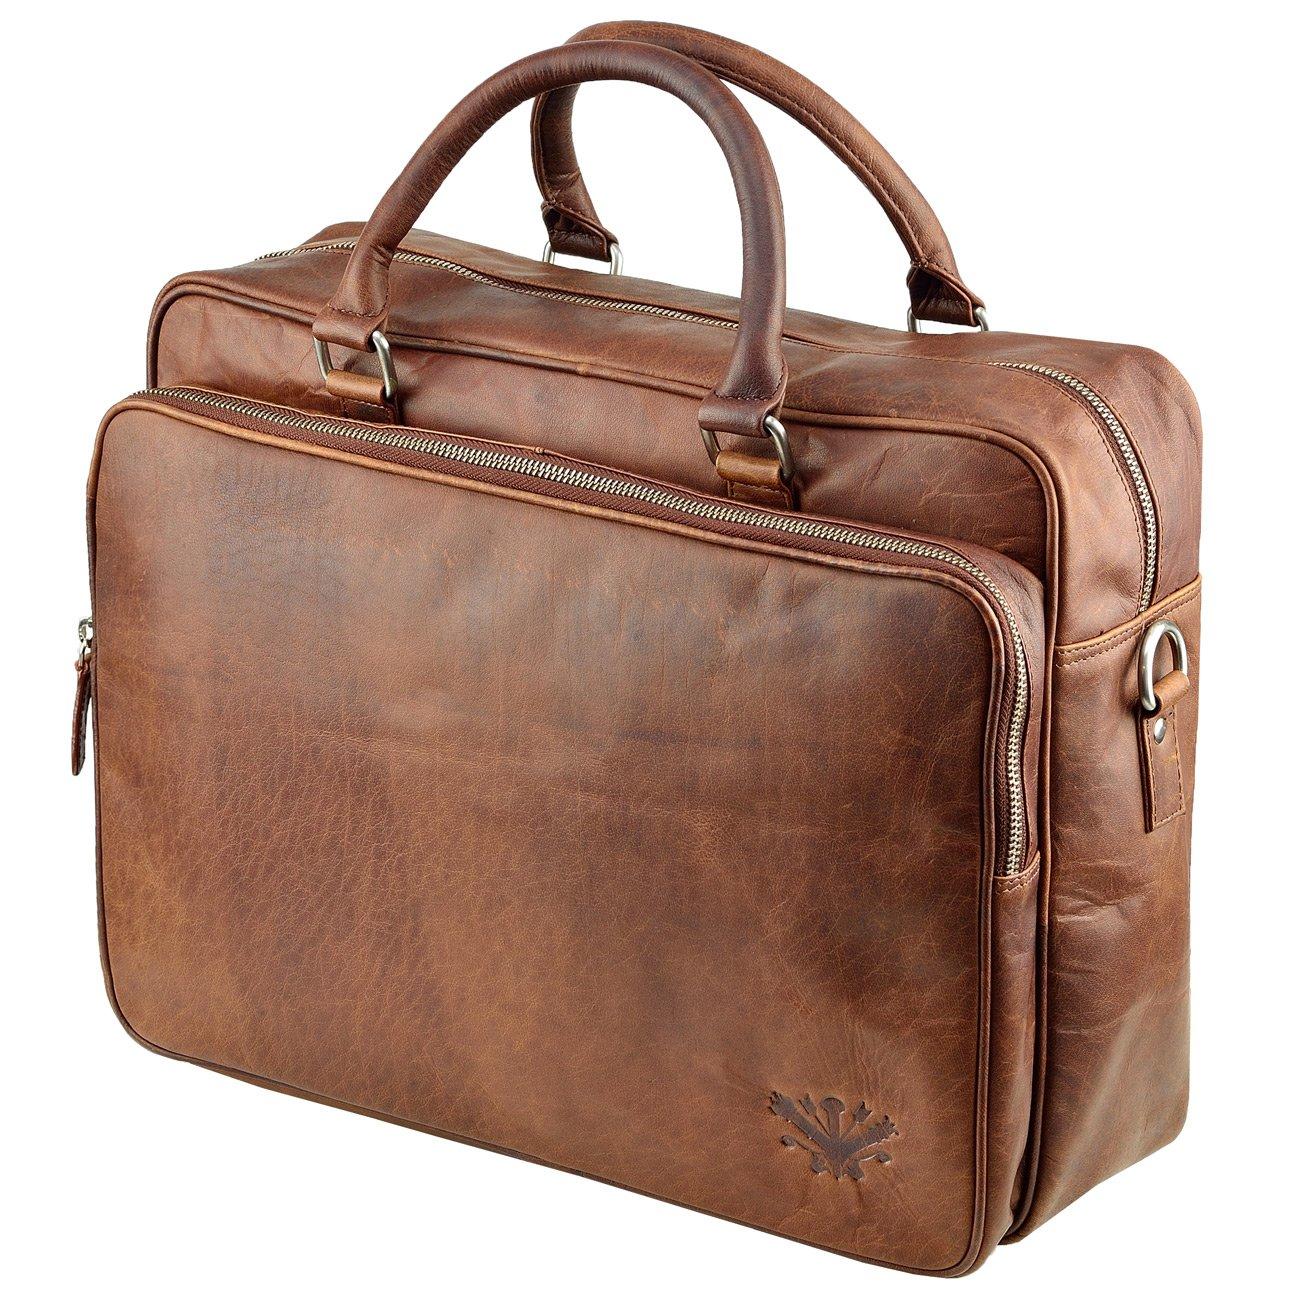 Echt Leder Aktentasche XL Schultertasche Umhängetasche DIN-A4 Laptoptasche 15,6 Messenger bag Cognac MB-9-nb